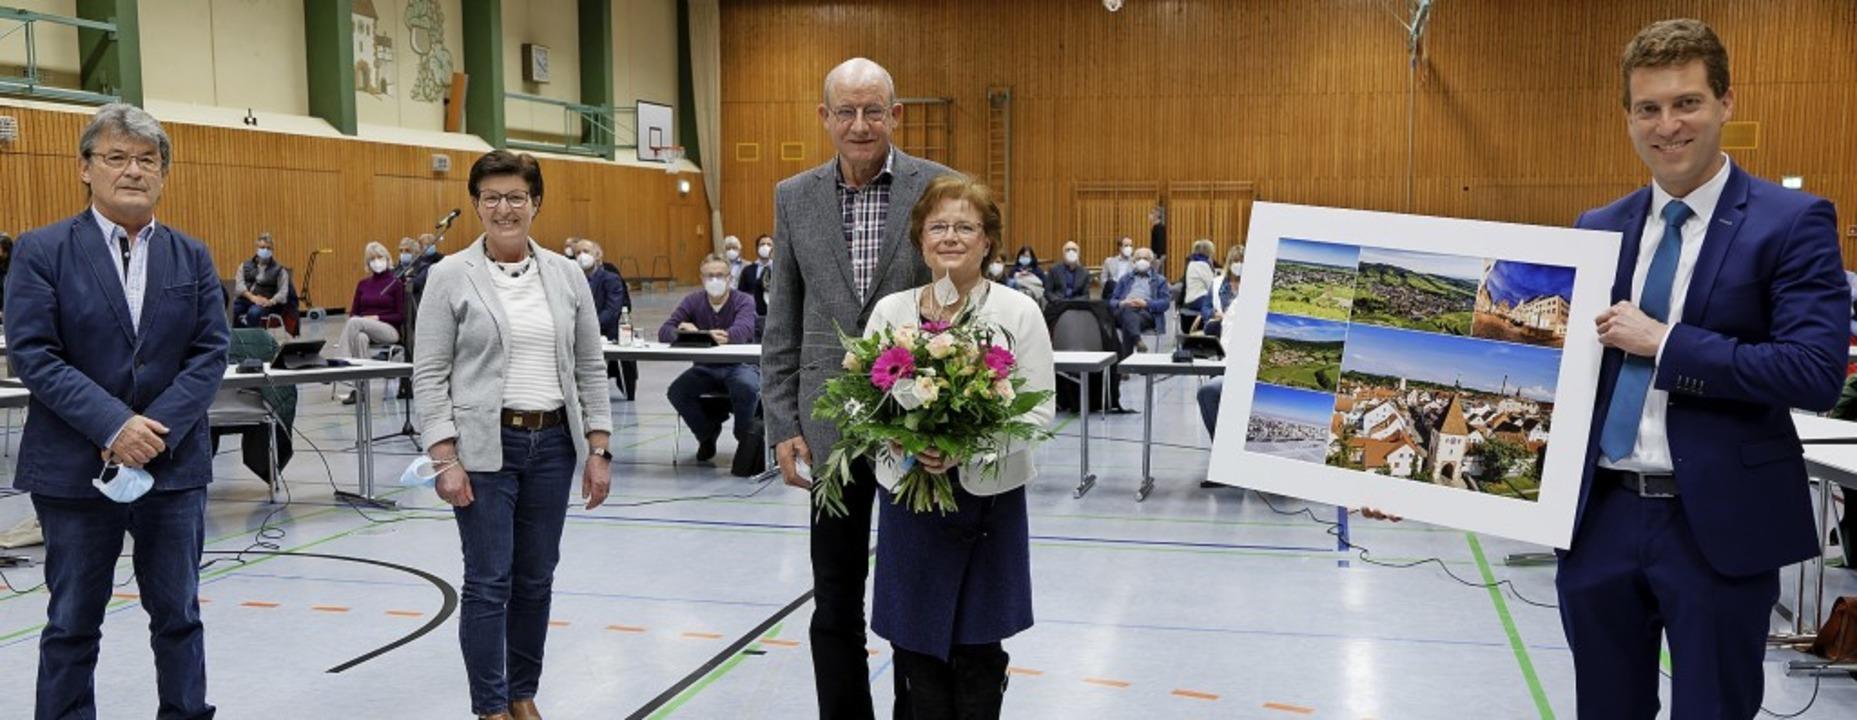 Dank für fast 32 Jahre Einsatz im Geme...aroska und Bürgermeister Tobias Metz.     Foto: Martin Wendel